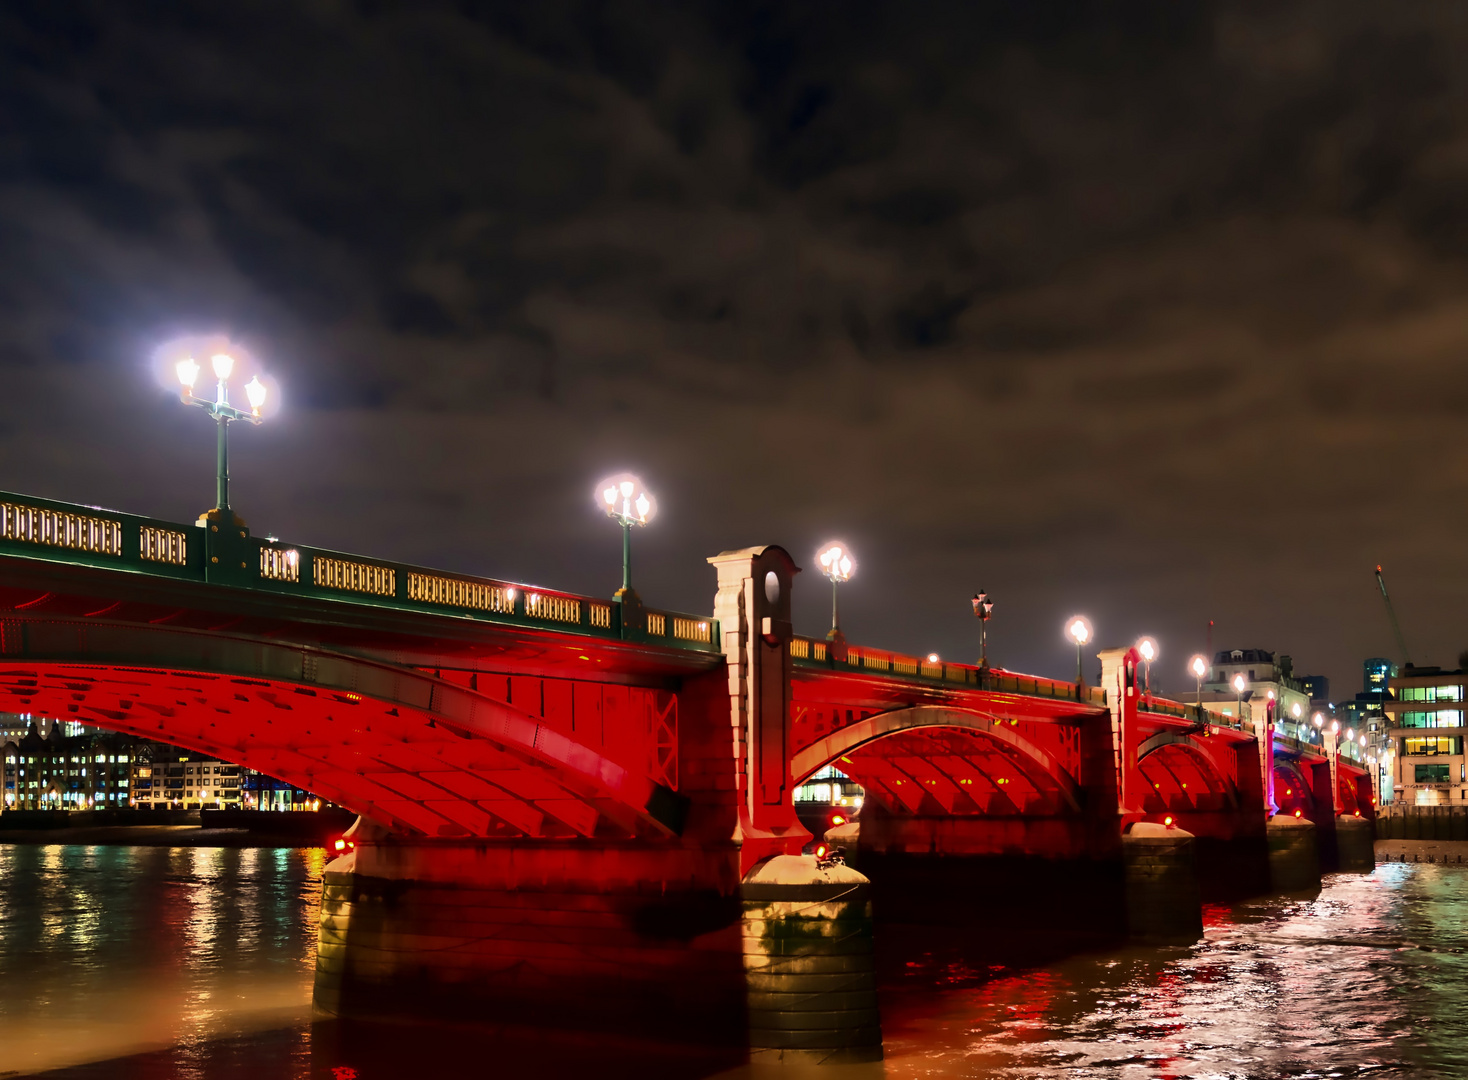 Bridge in thr night time